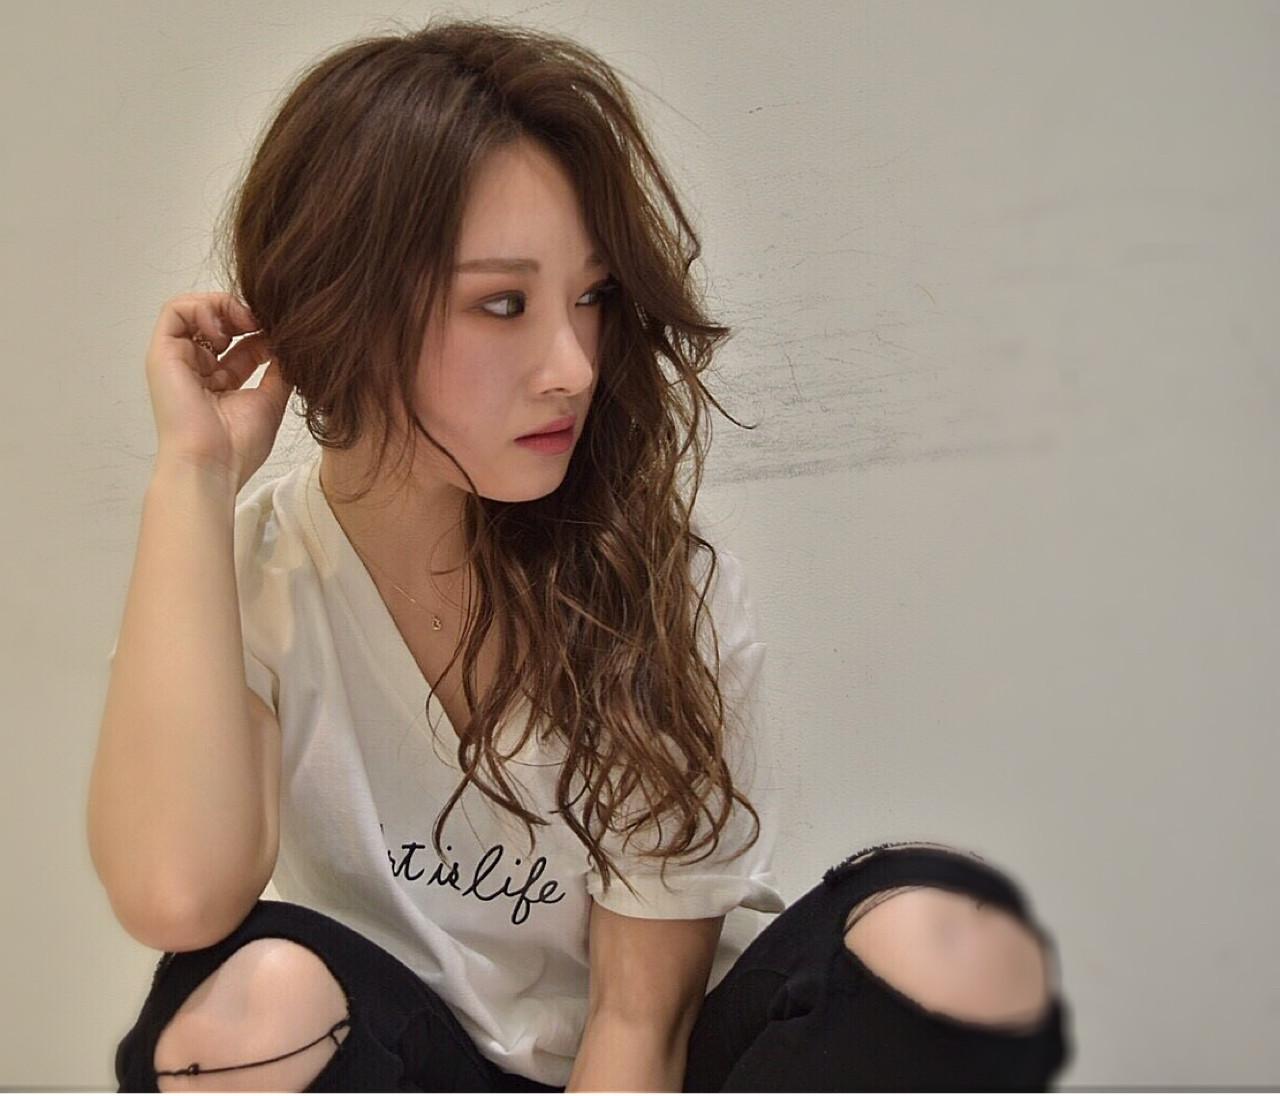 """美人の髪は""""王道のロングヘア―""""♡おすすめのヘアスタイルを紹介 石田裕紀"""